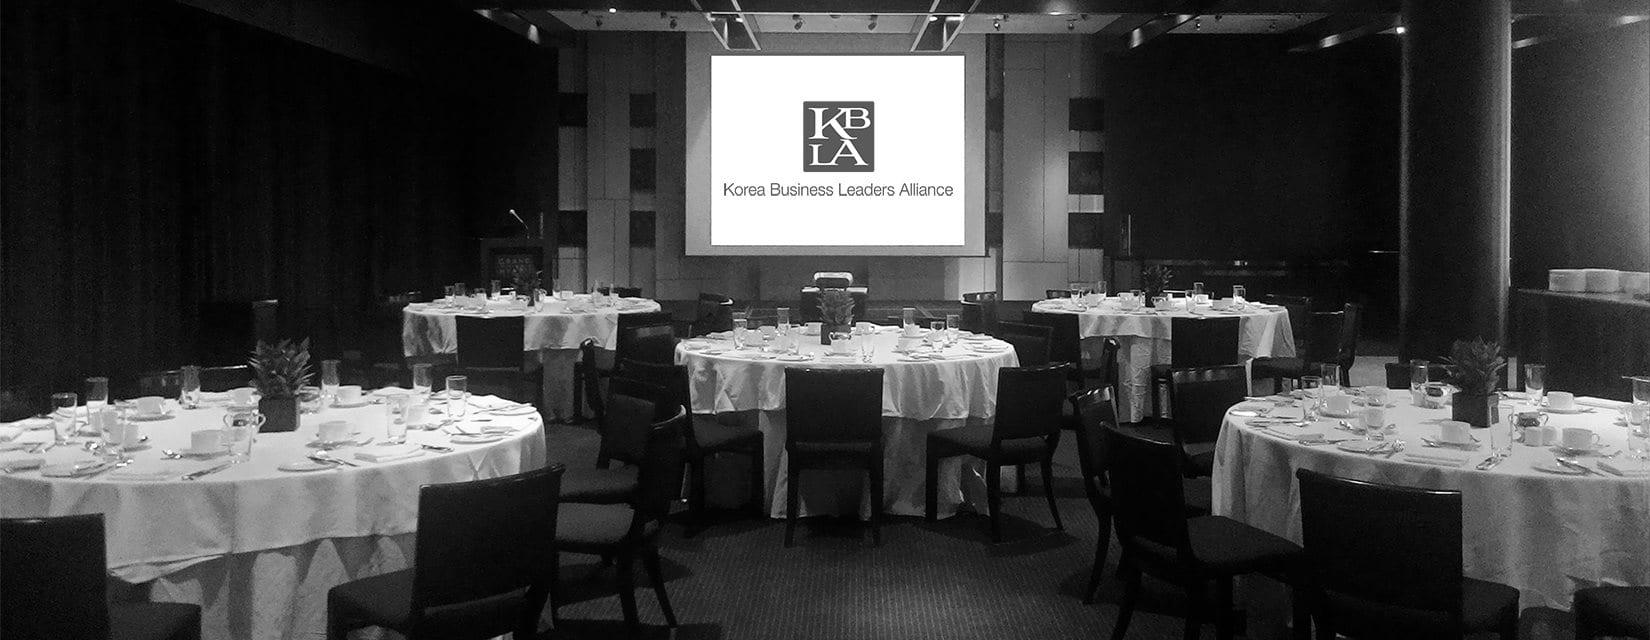 Korean Business Leaders Alliance | KBLA